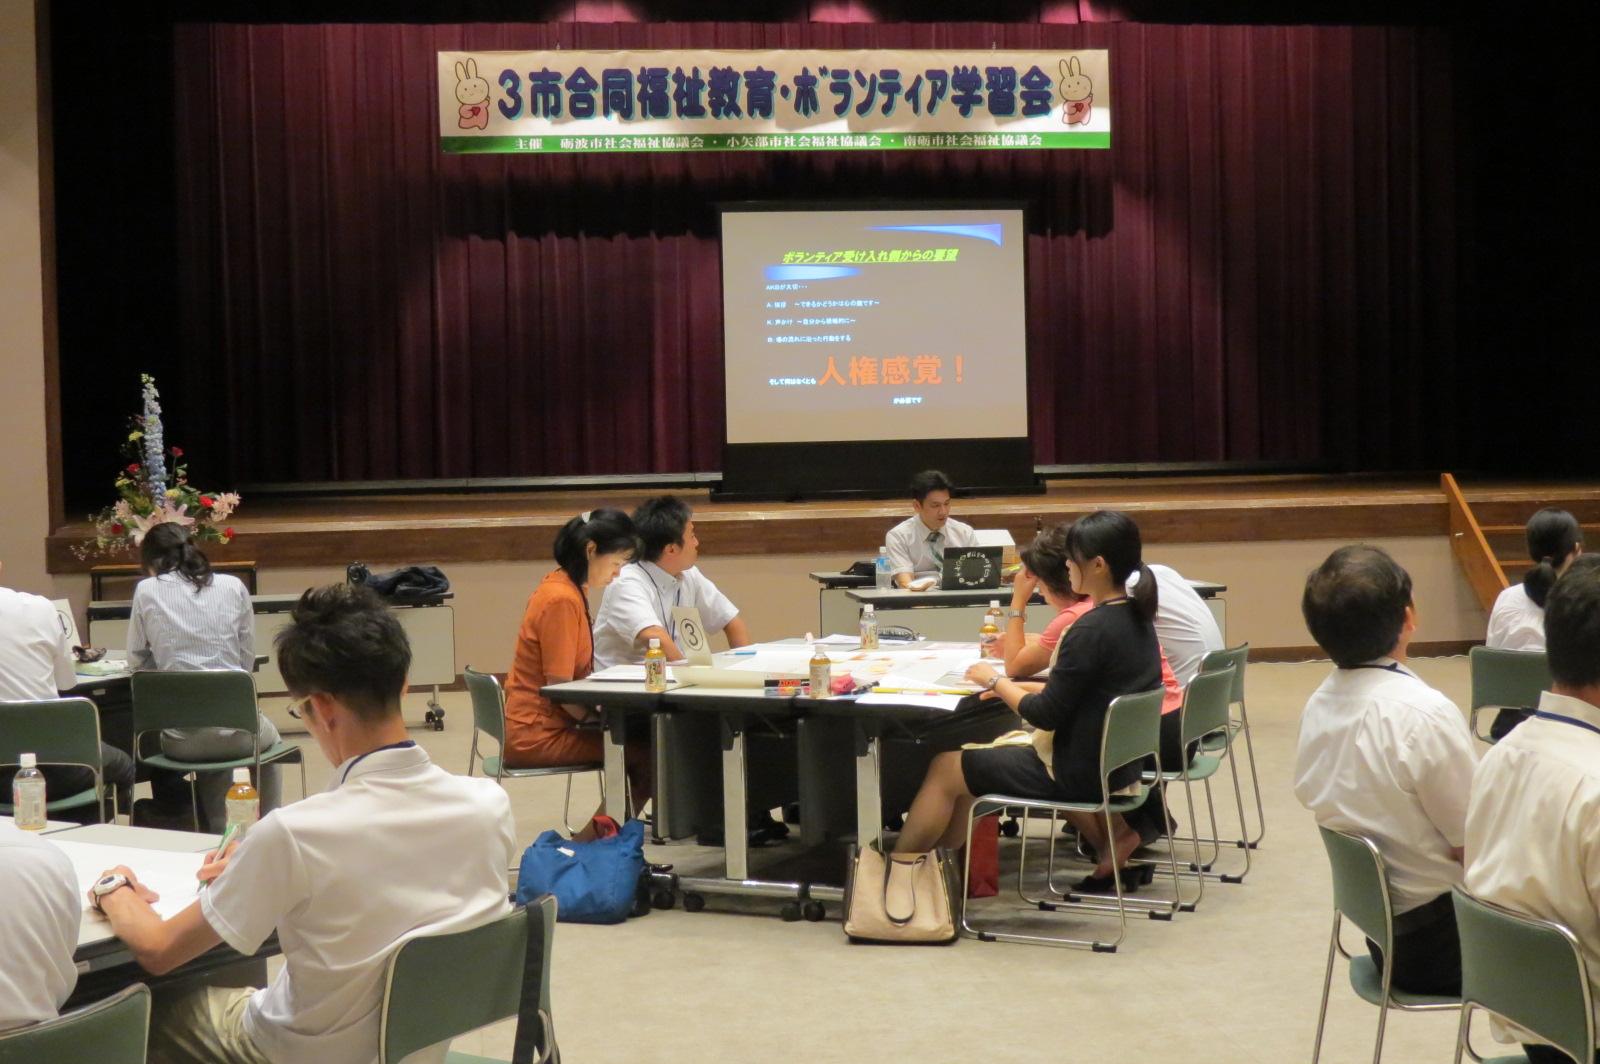 3市合同福祉教育・ボランティア学習会_b0159251_10122634.jpg